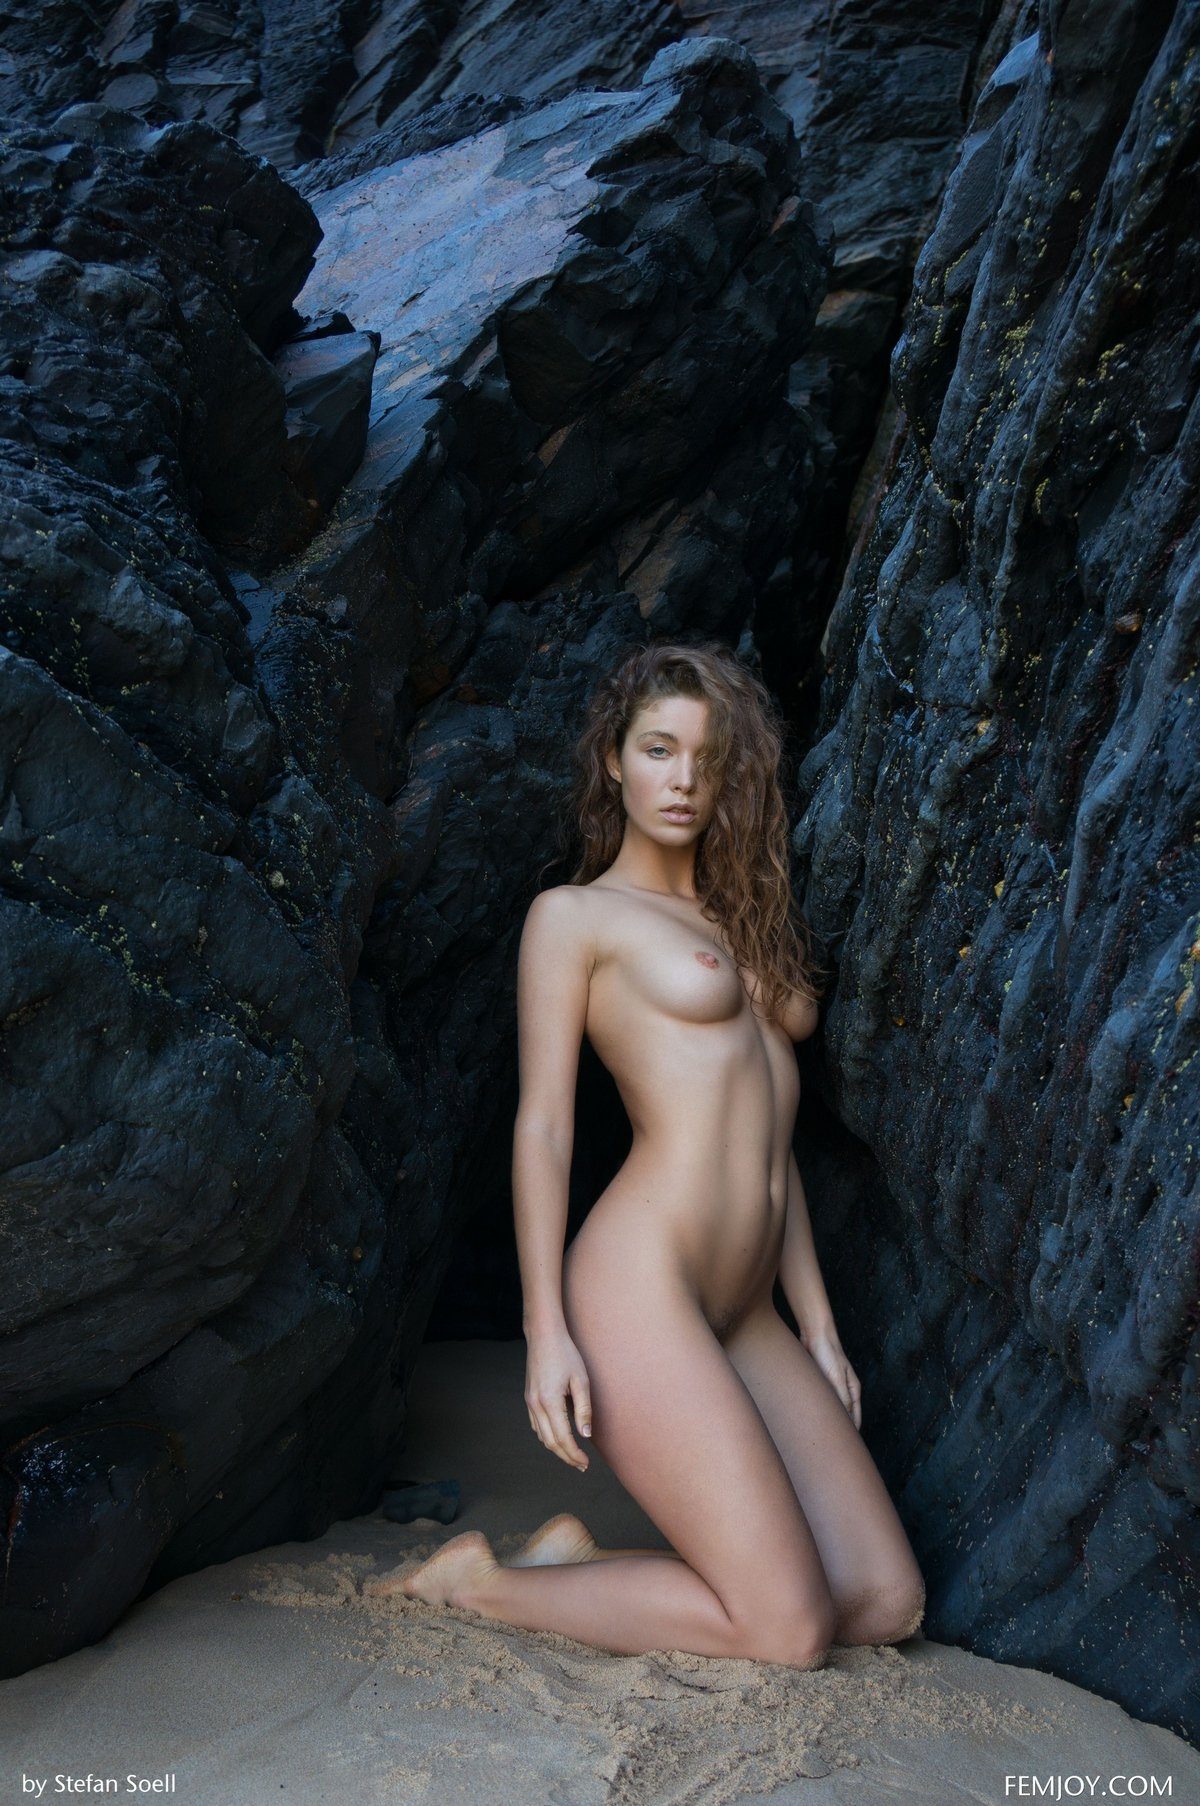 Голая дама с идеальными буферами на фоне черной скалы